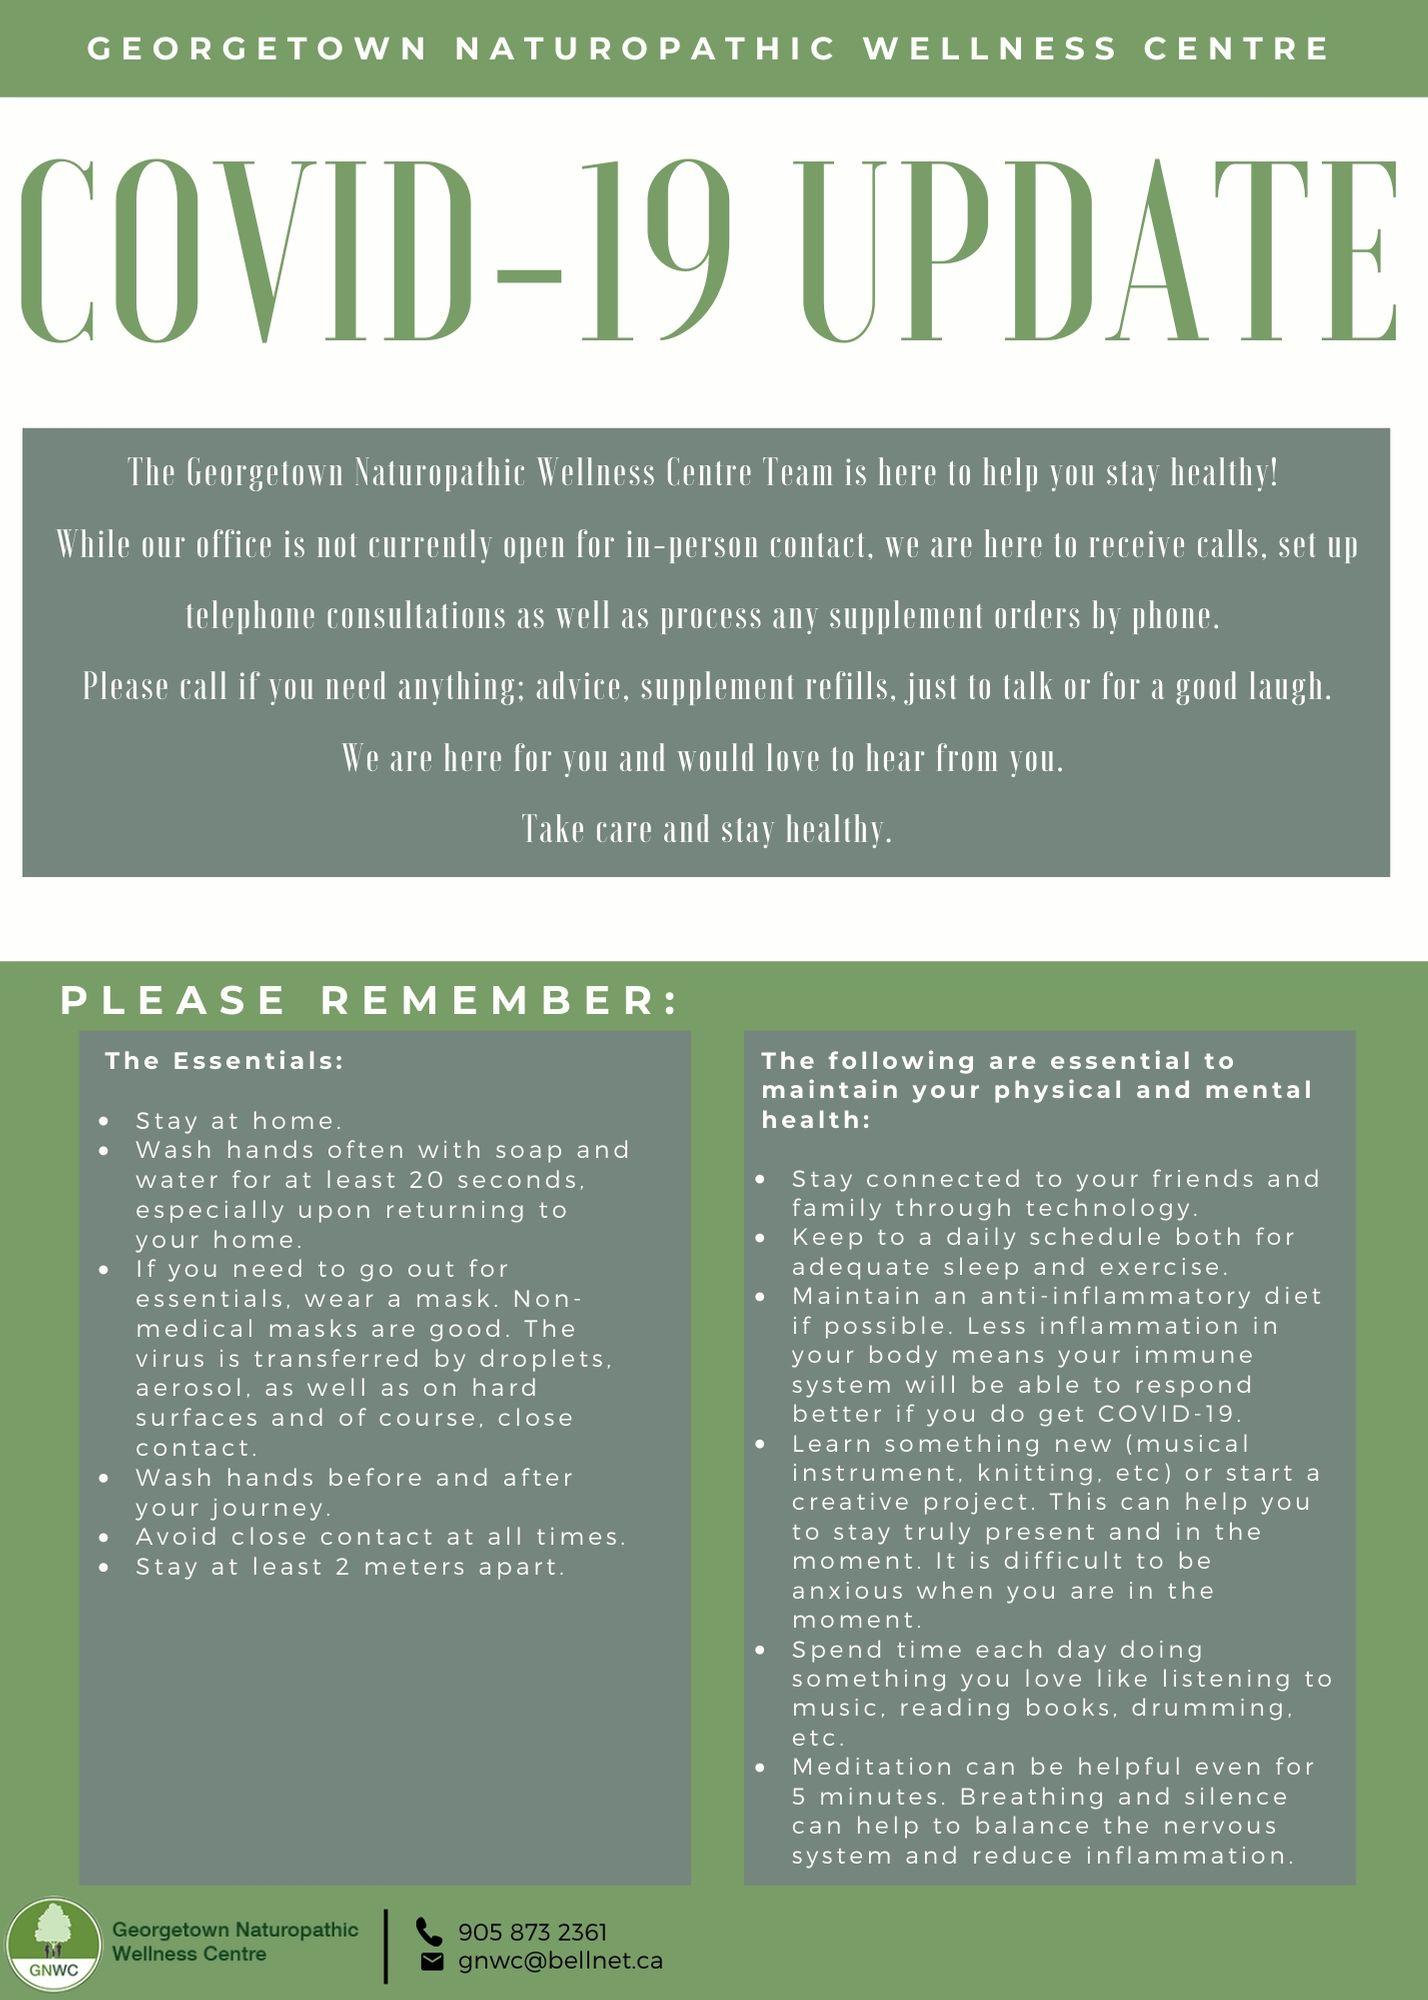 covid-19 update-2